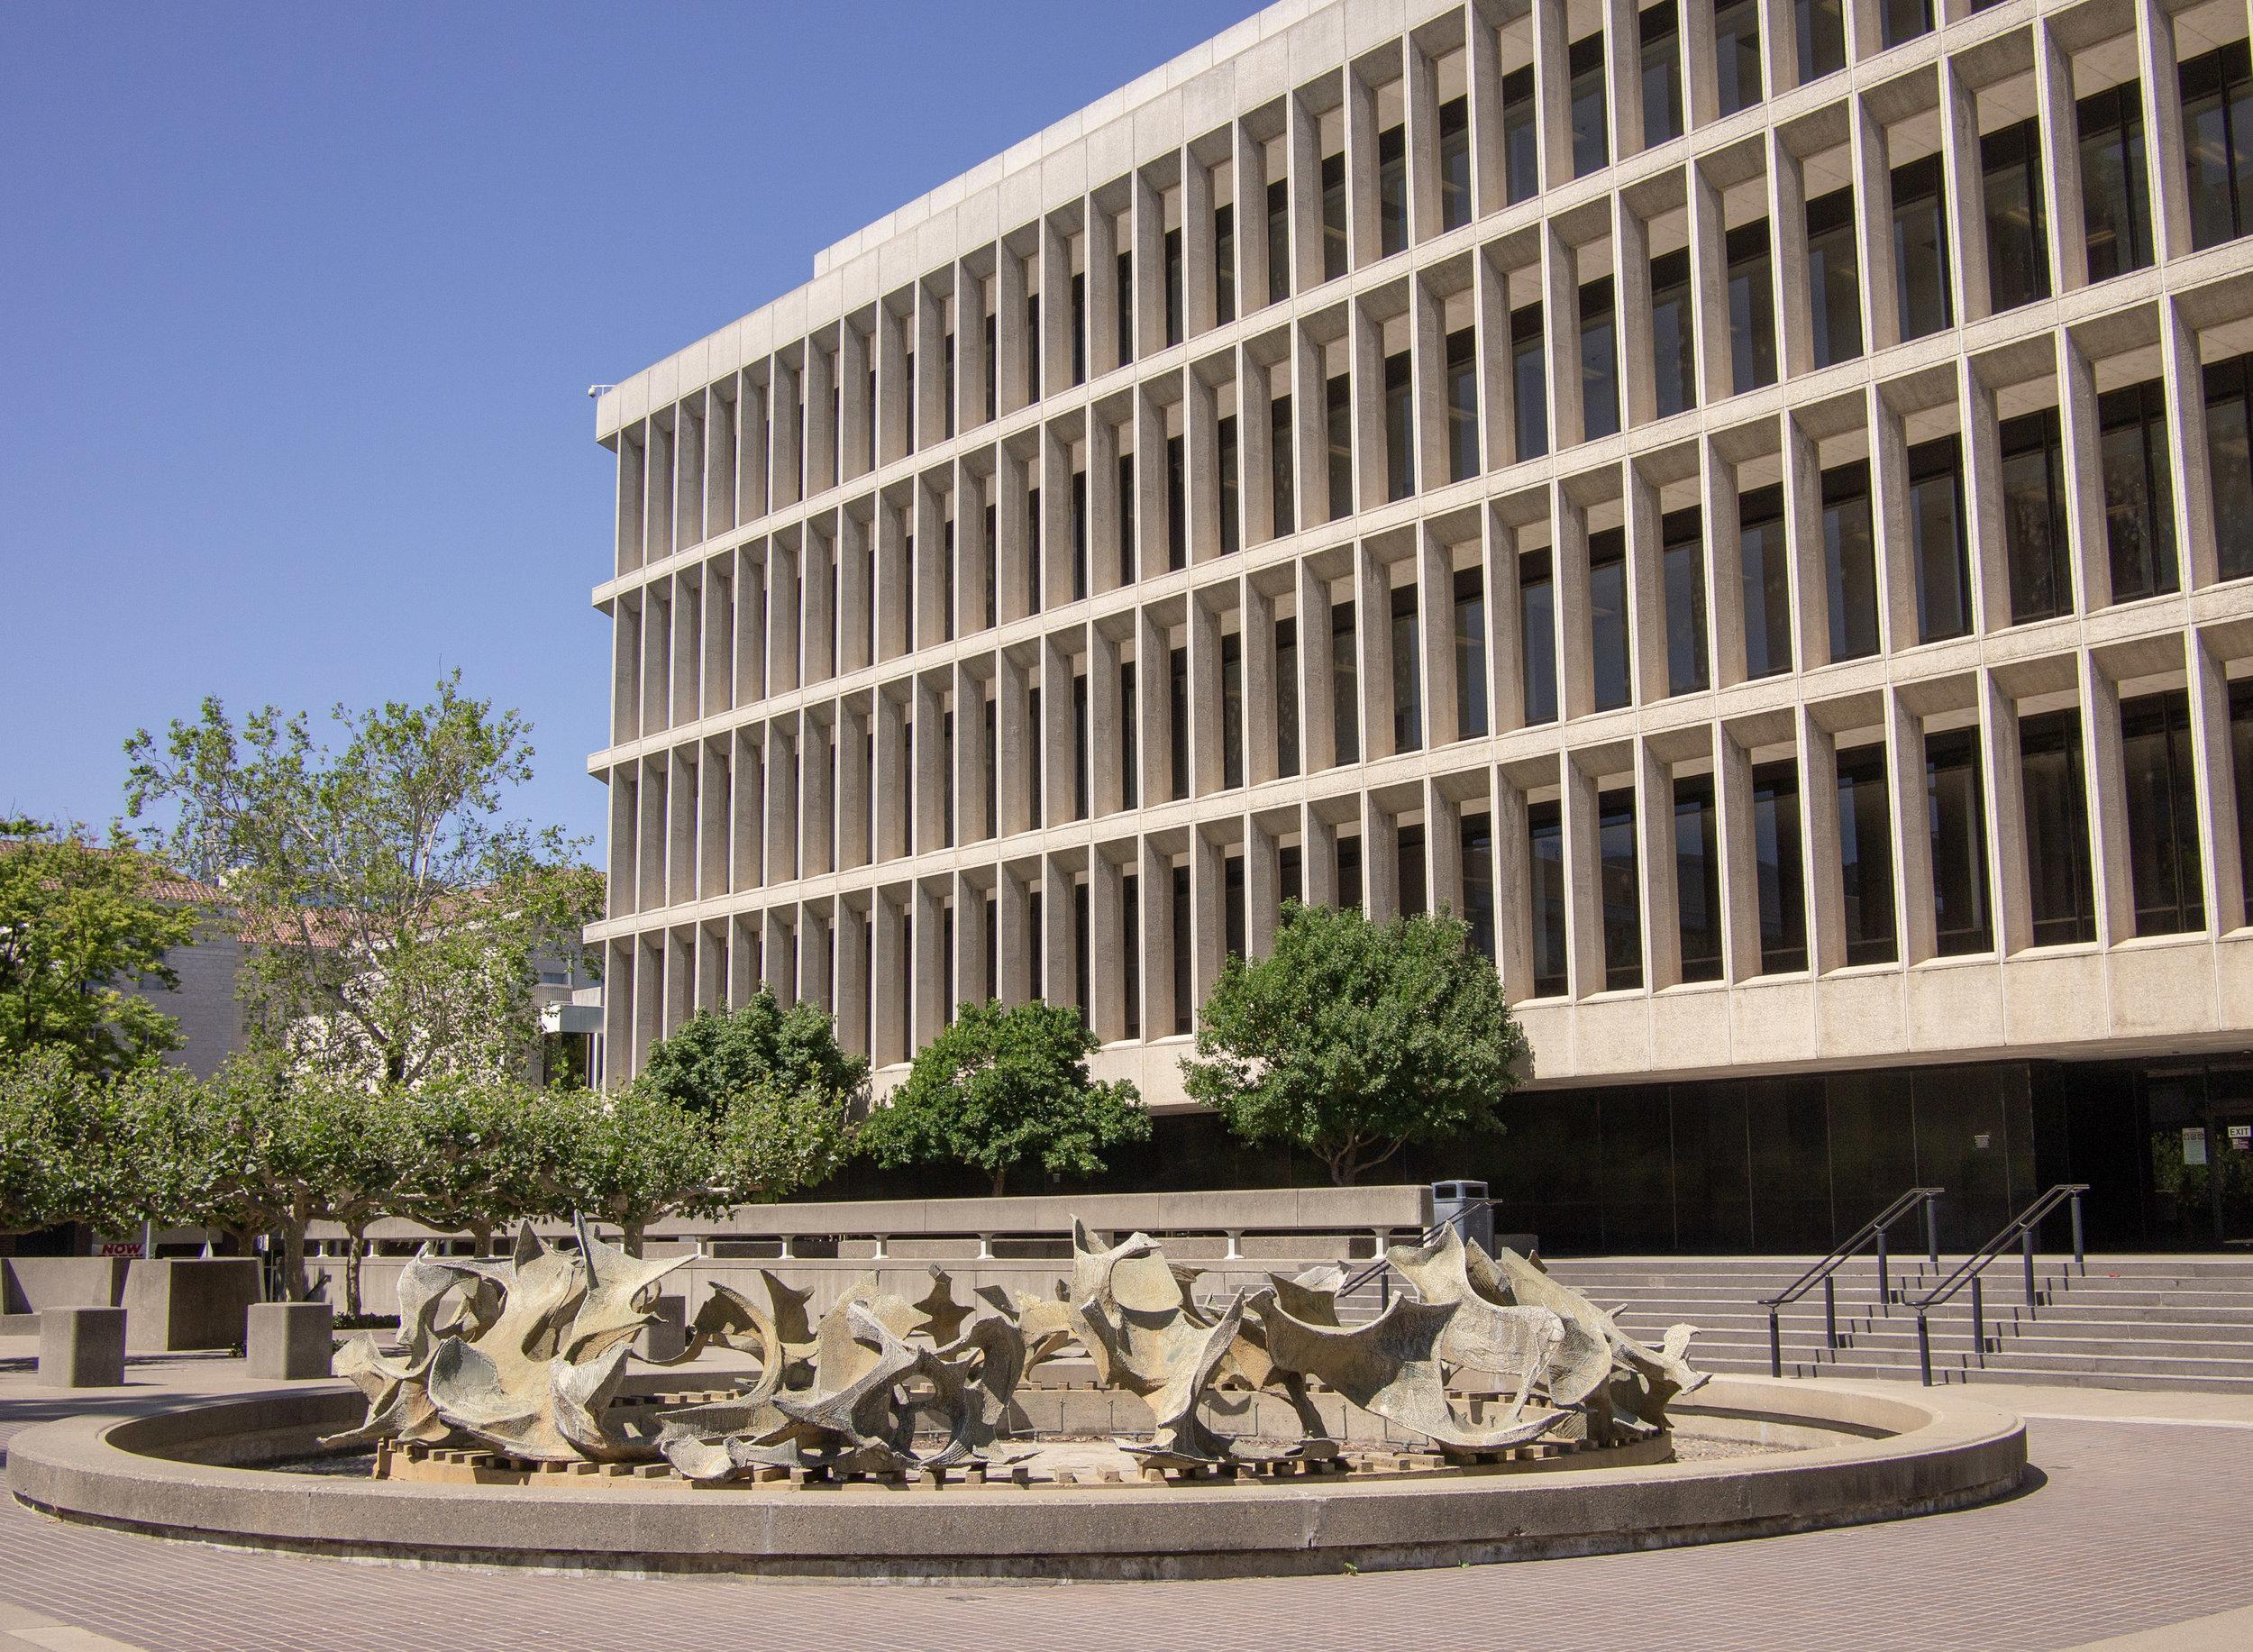 Gordon D. Schaber Sacramento County Courthouse - built 1965